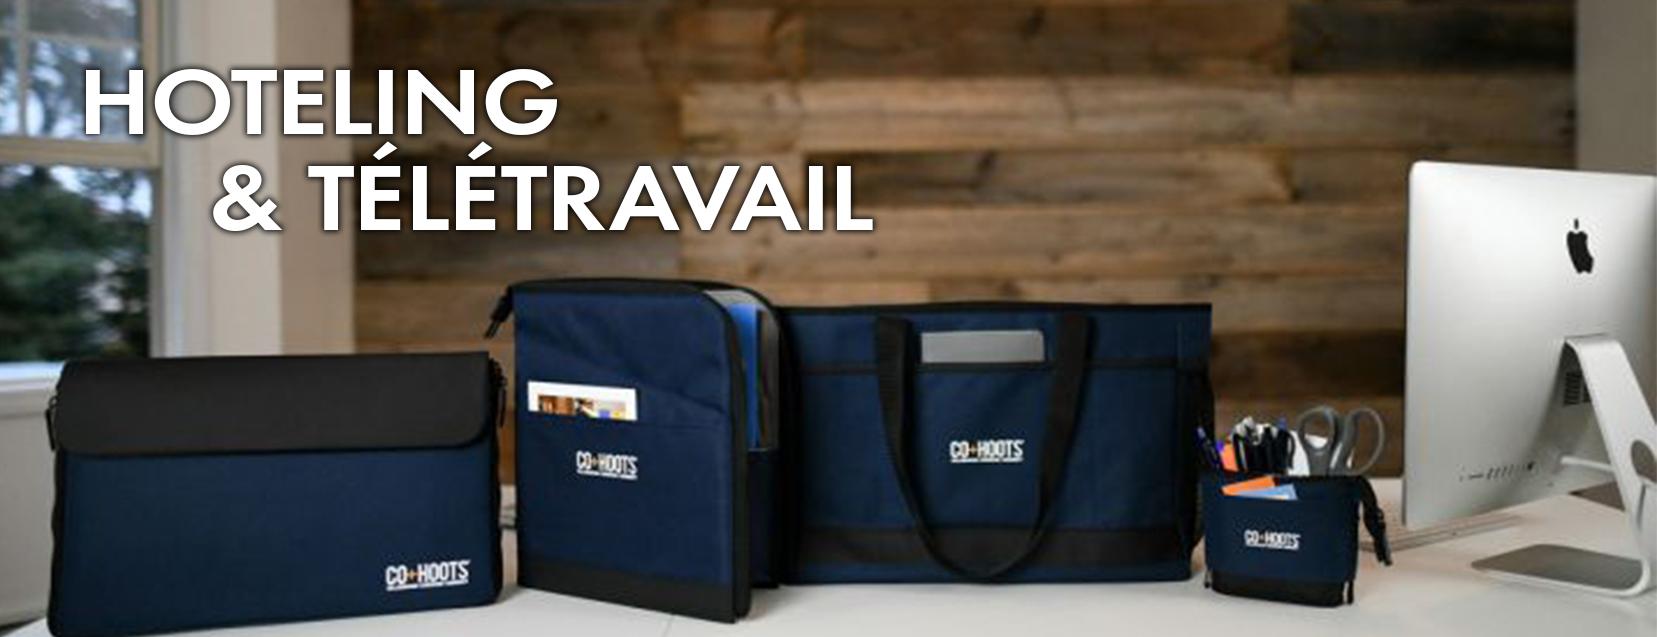 Bandeau site - Hoteling Teletravail